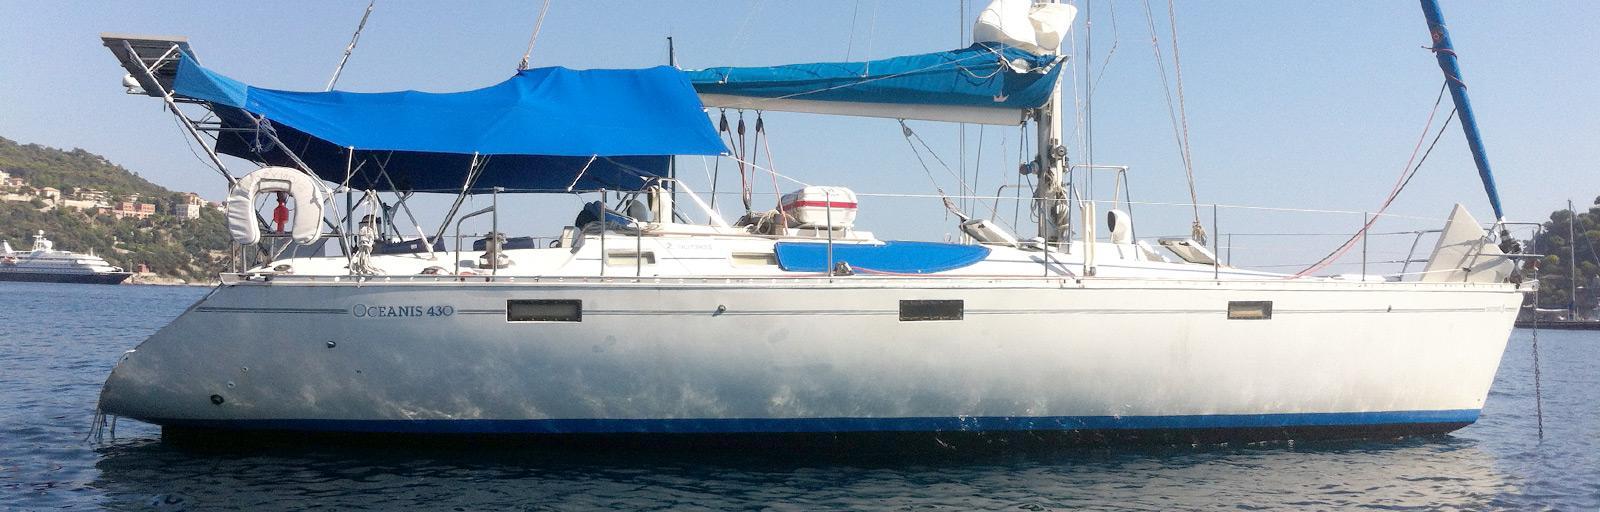 Oceanis 430 - AYC Yachtbroker